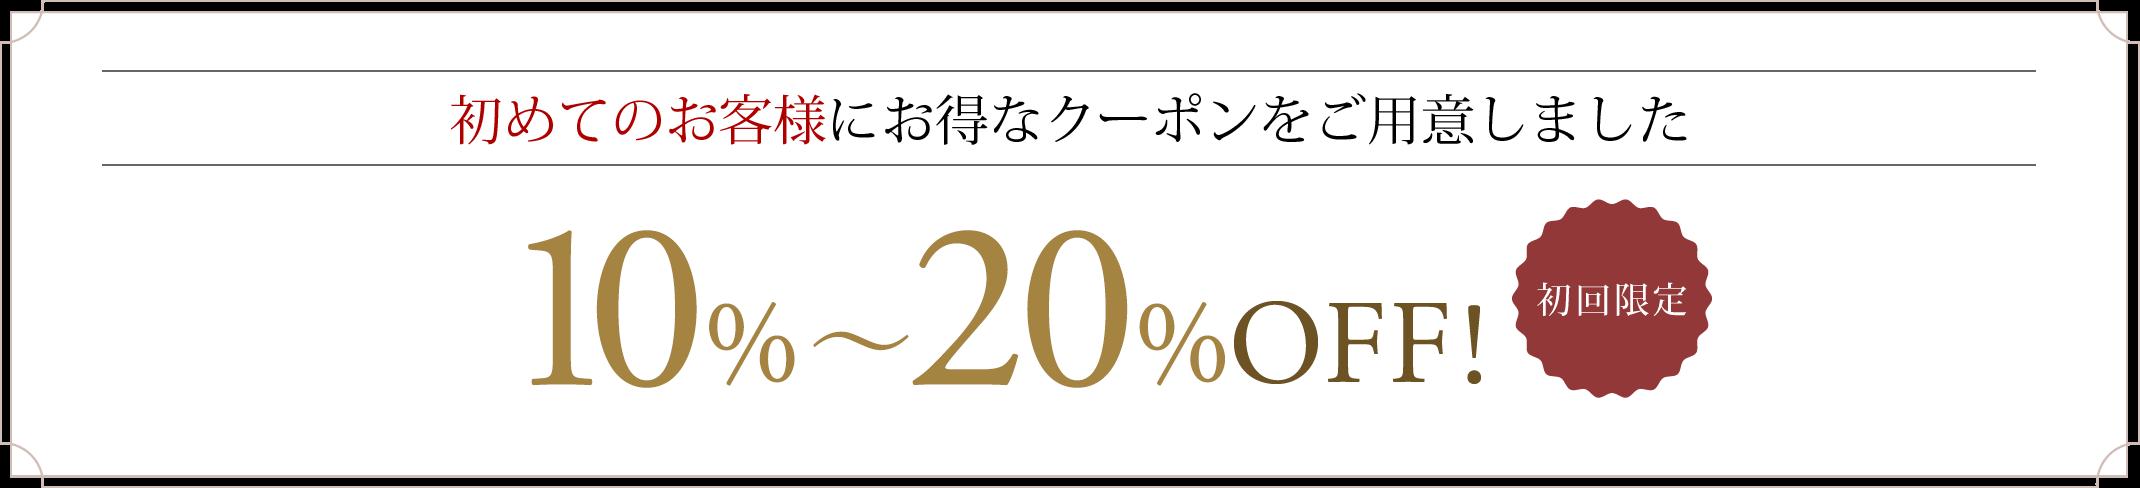 初めてのお客様にお得なクーポンをご用意しました。初回限定10%〜30%OFF